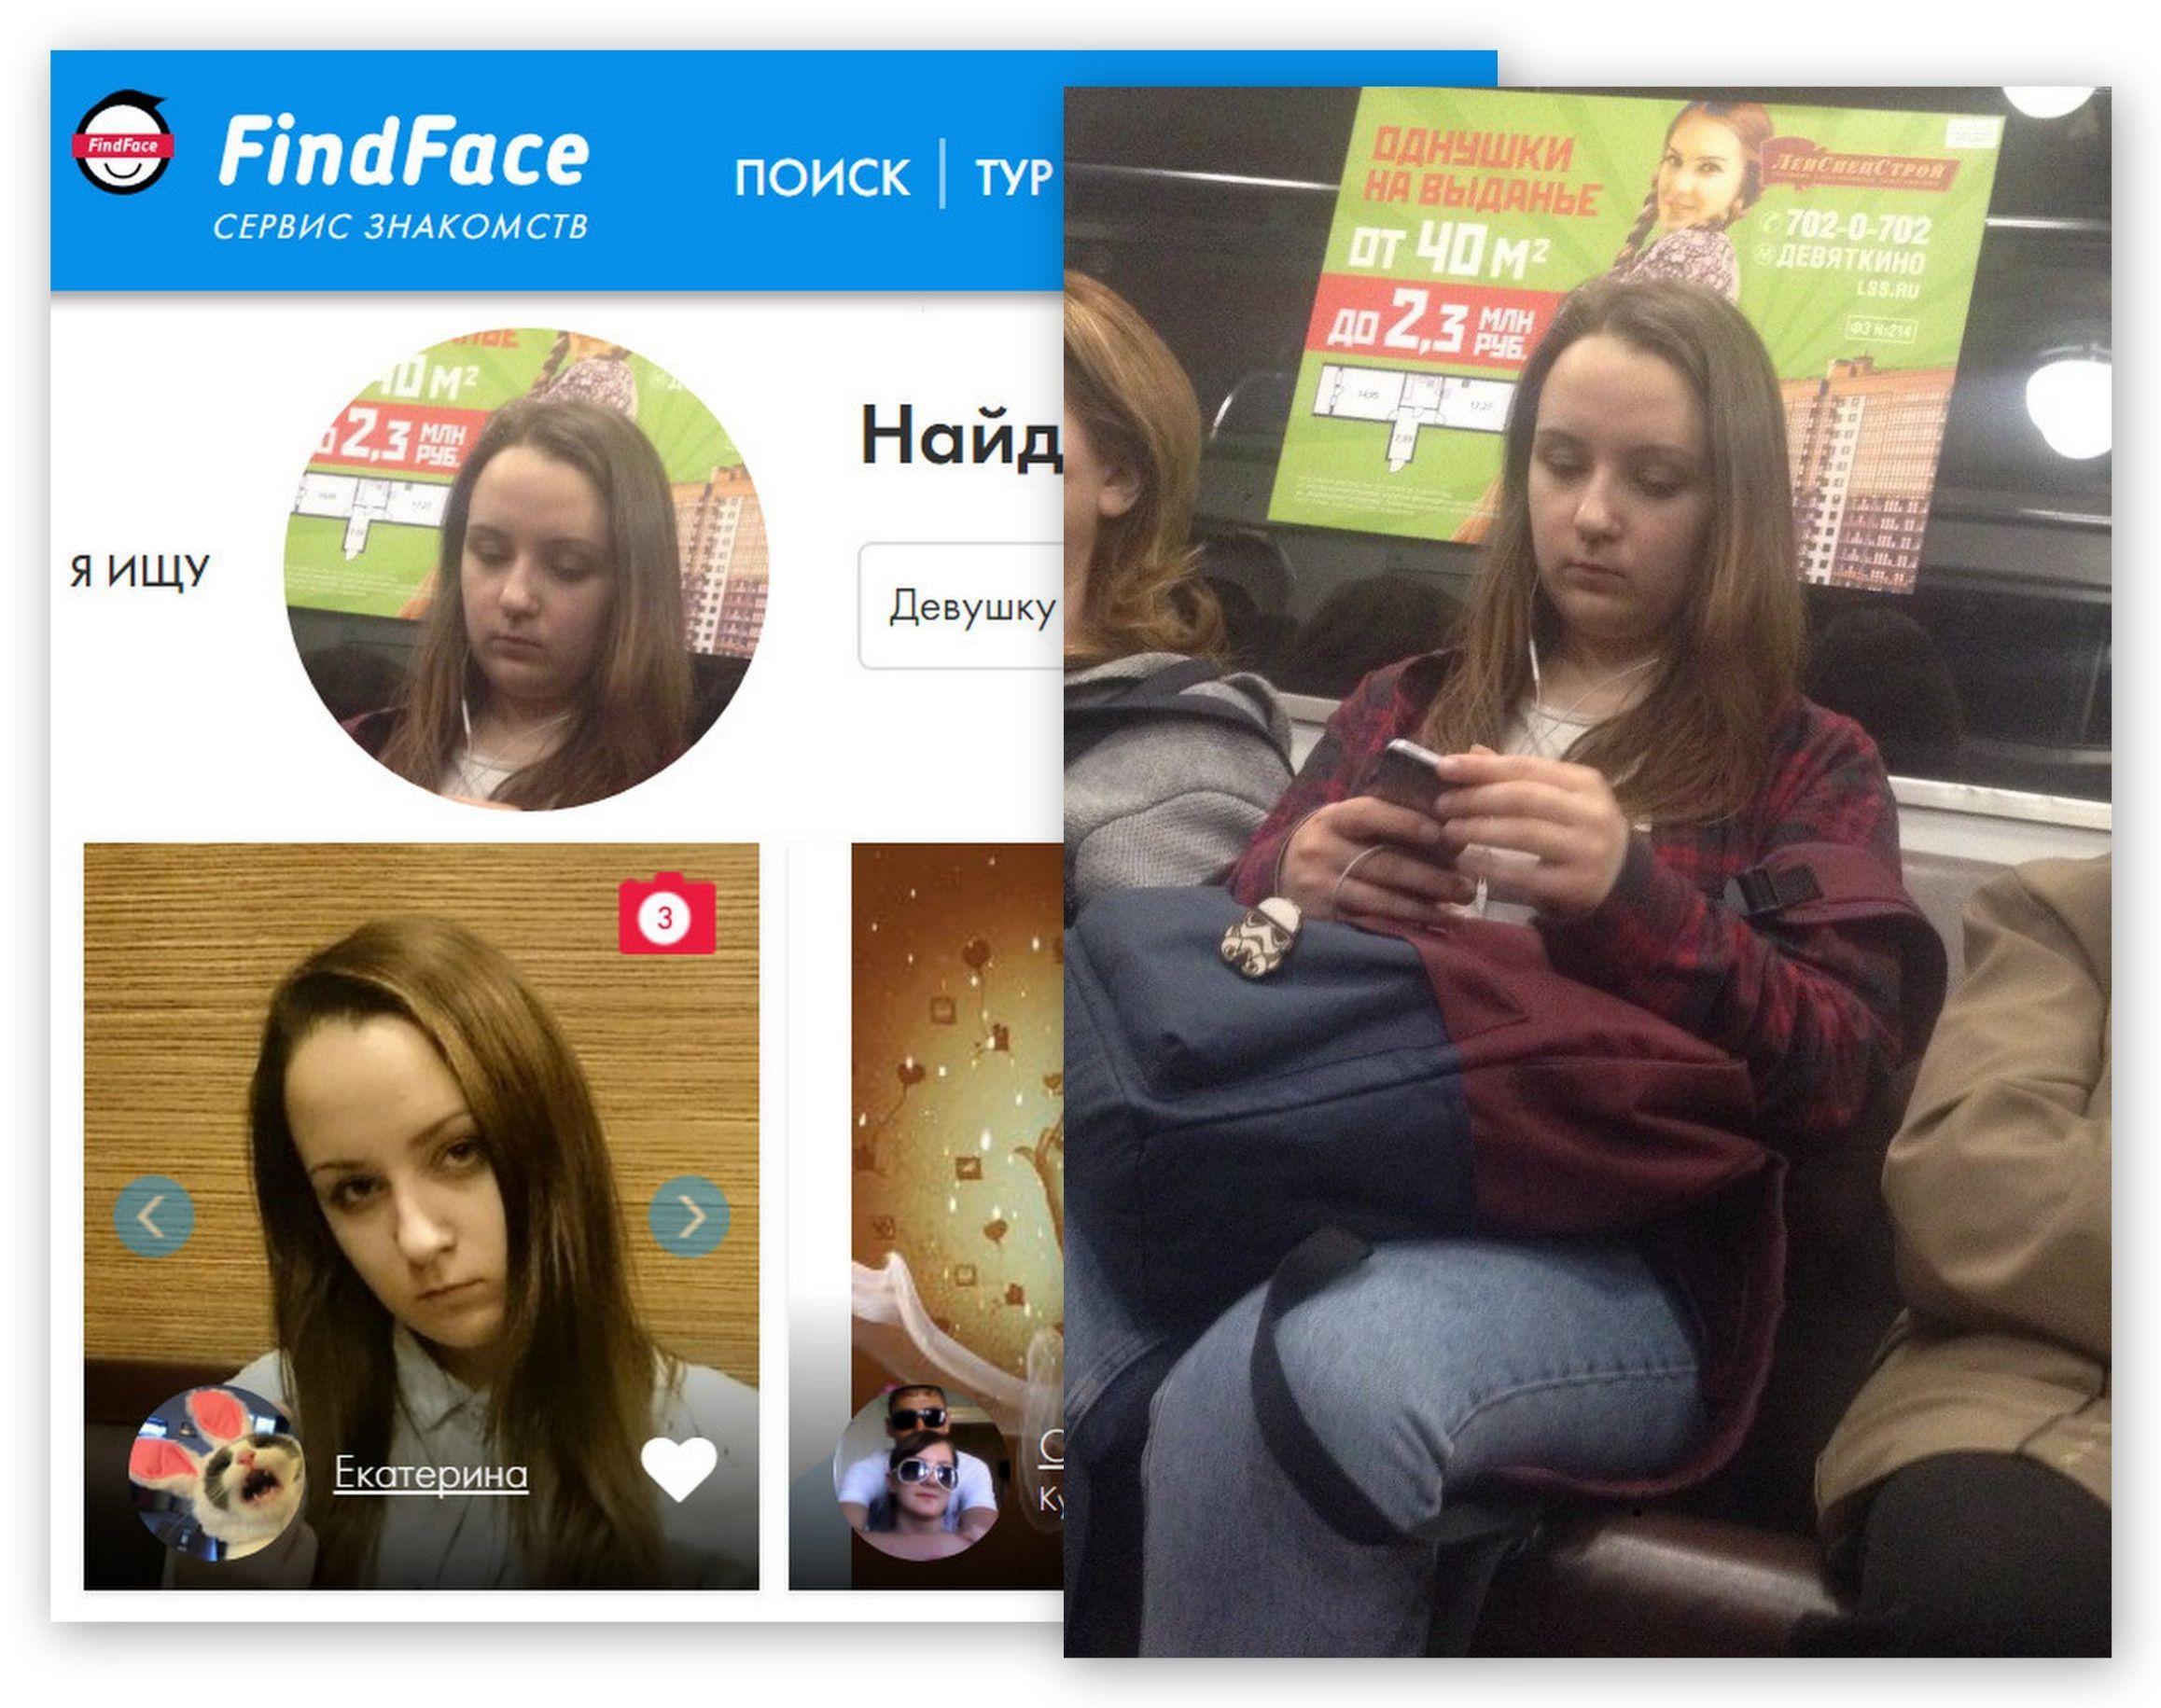 Найти девушку в россии